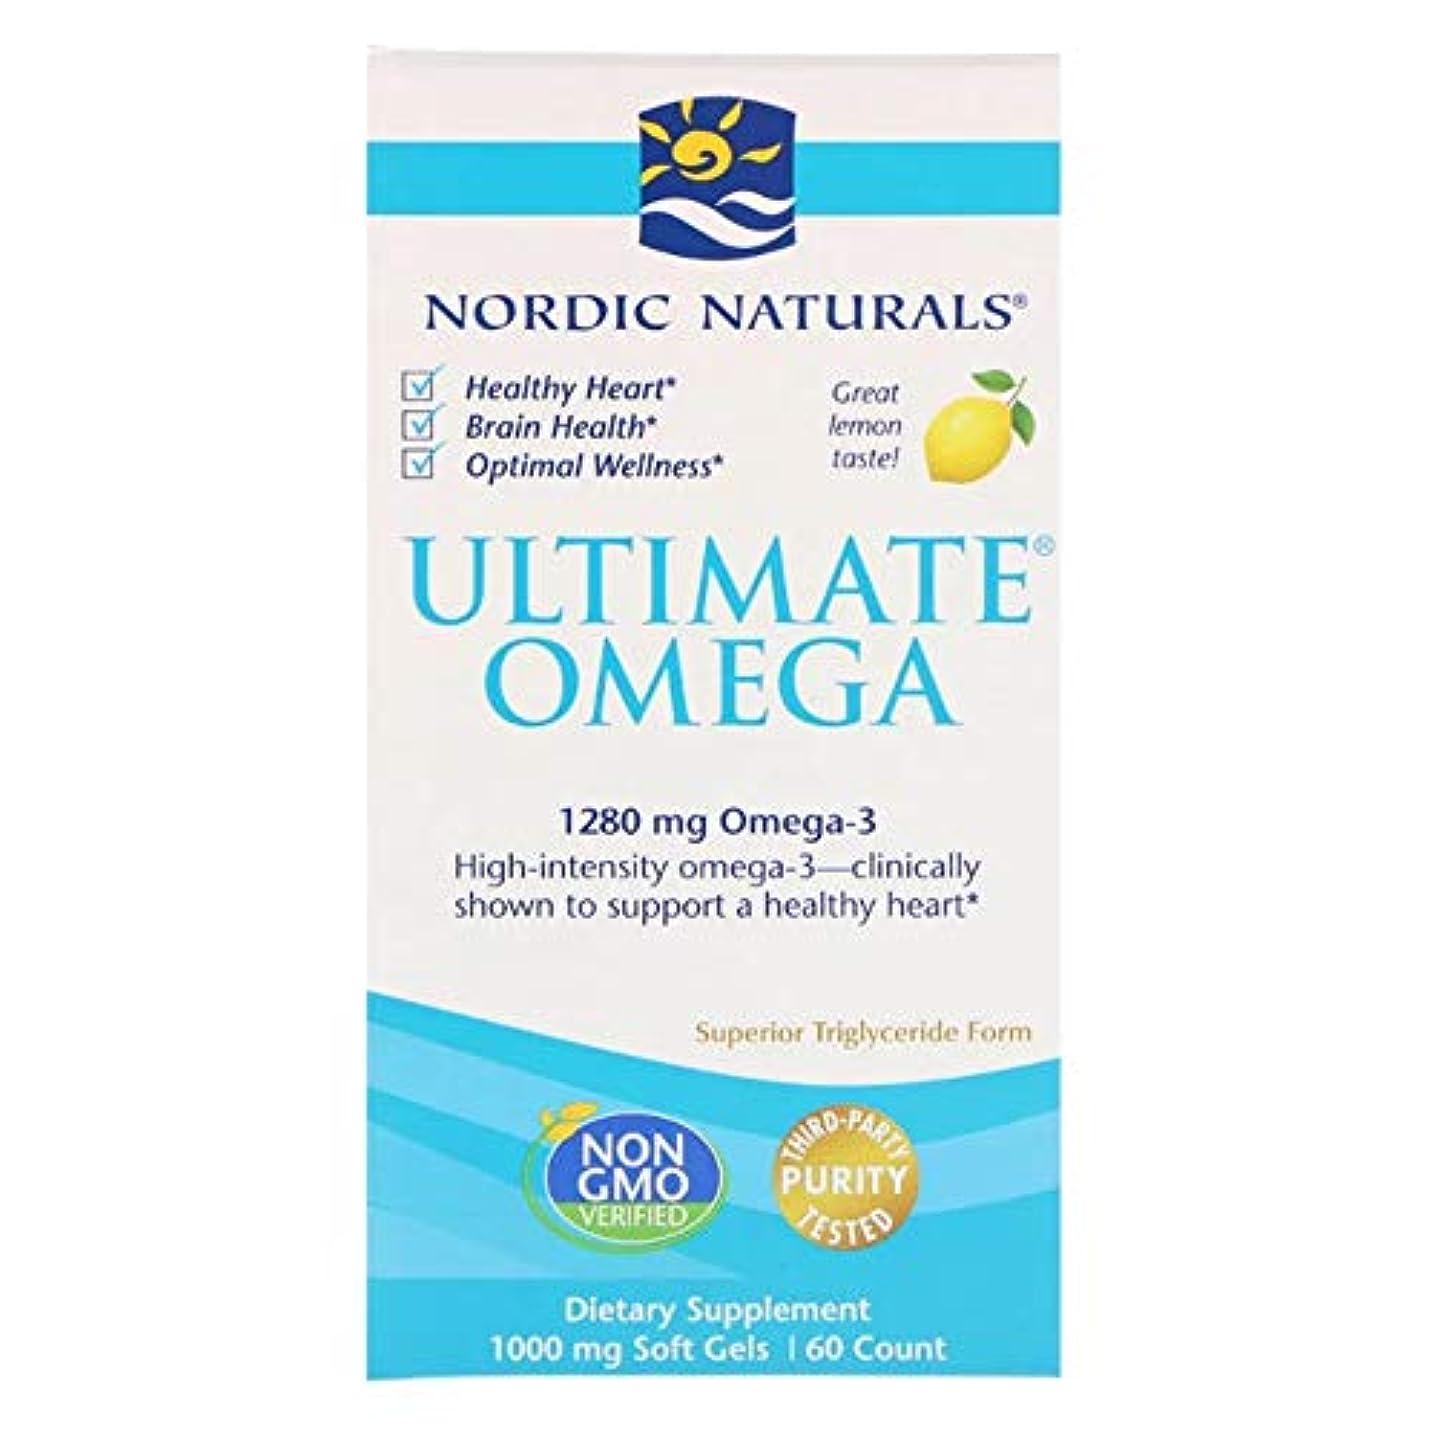 スーパー賞賛する拒絶するNordic Naturals 究極のオメガ レモン 1280 mg 60ソフトゼリー 【アメリカ直送】